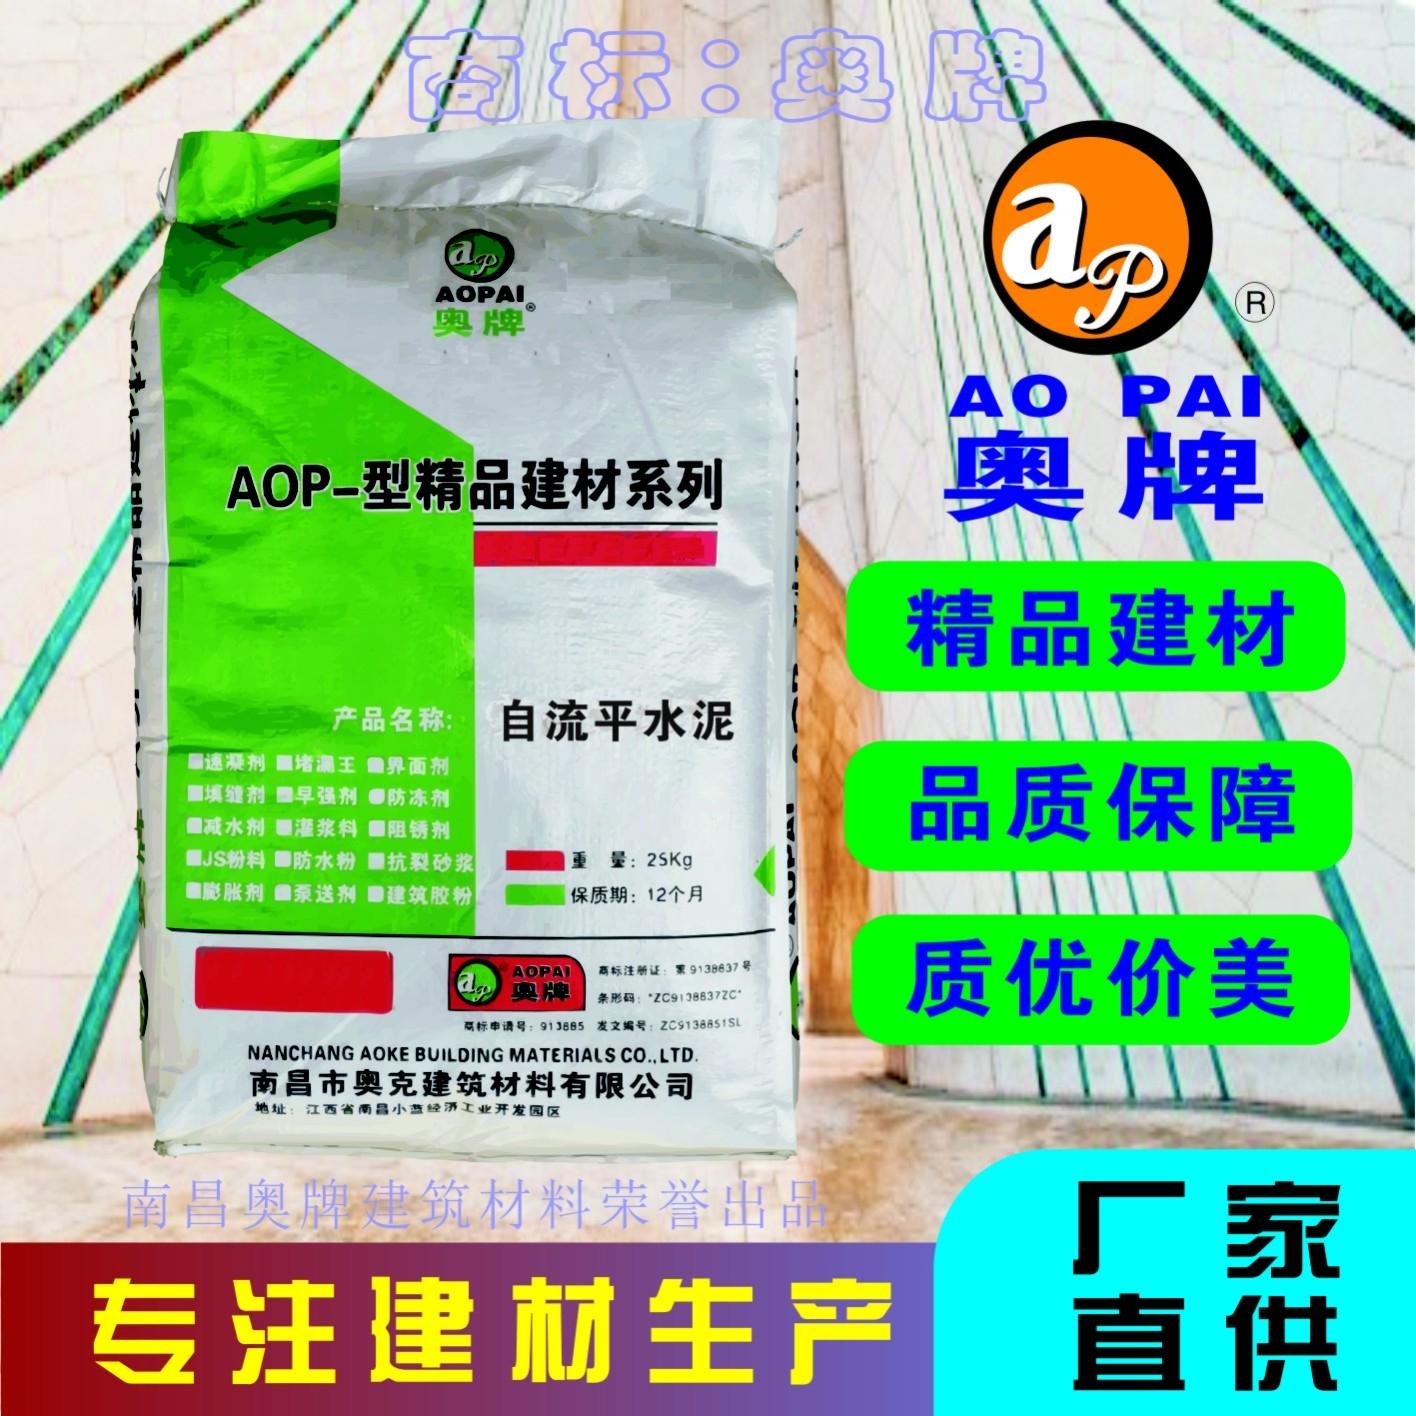 广东自流平水泥 AOP-12自流平砂浆地面 垫层水泥施工